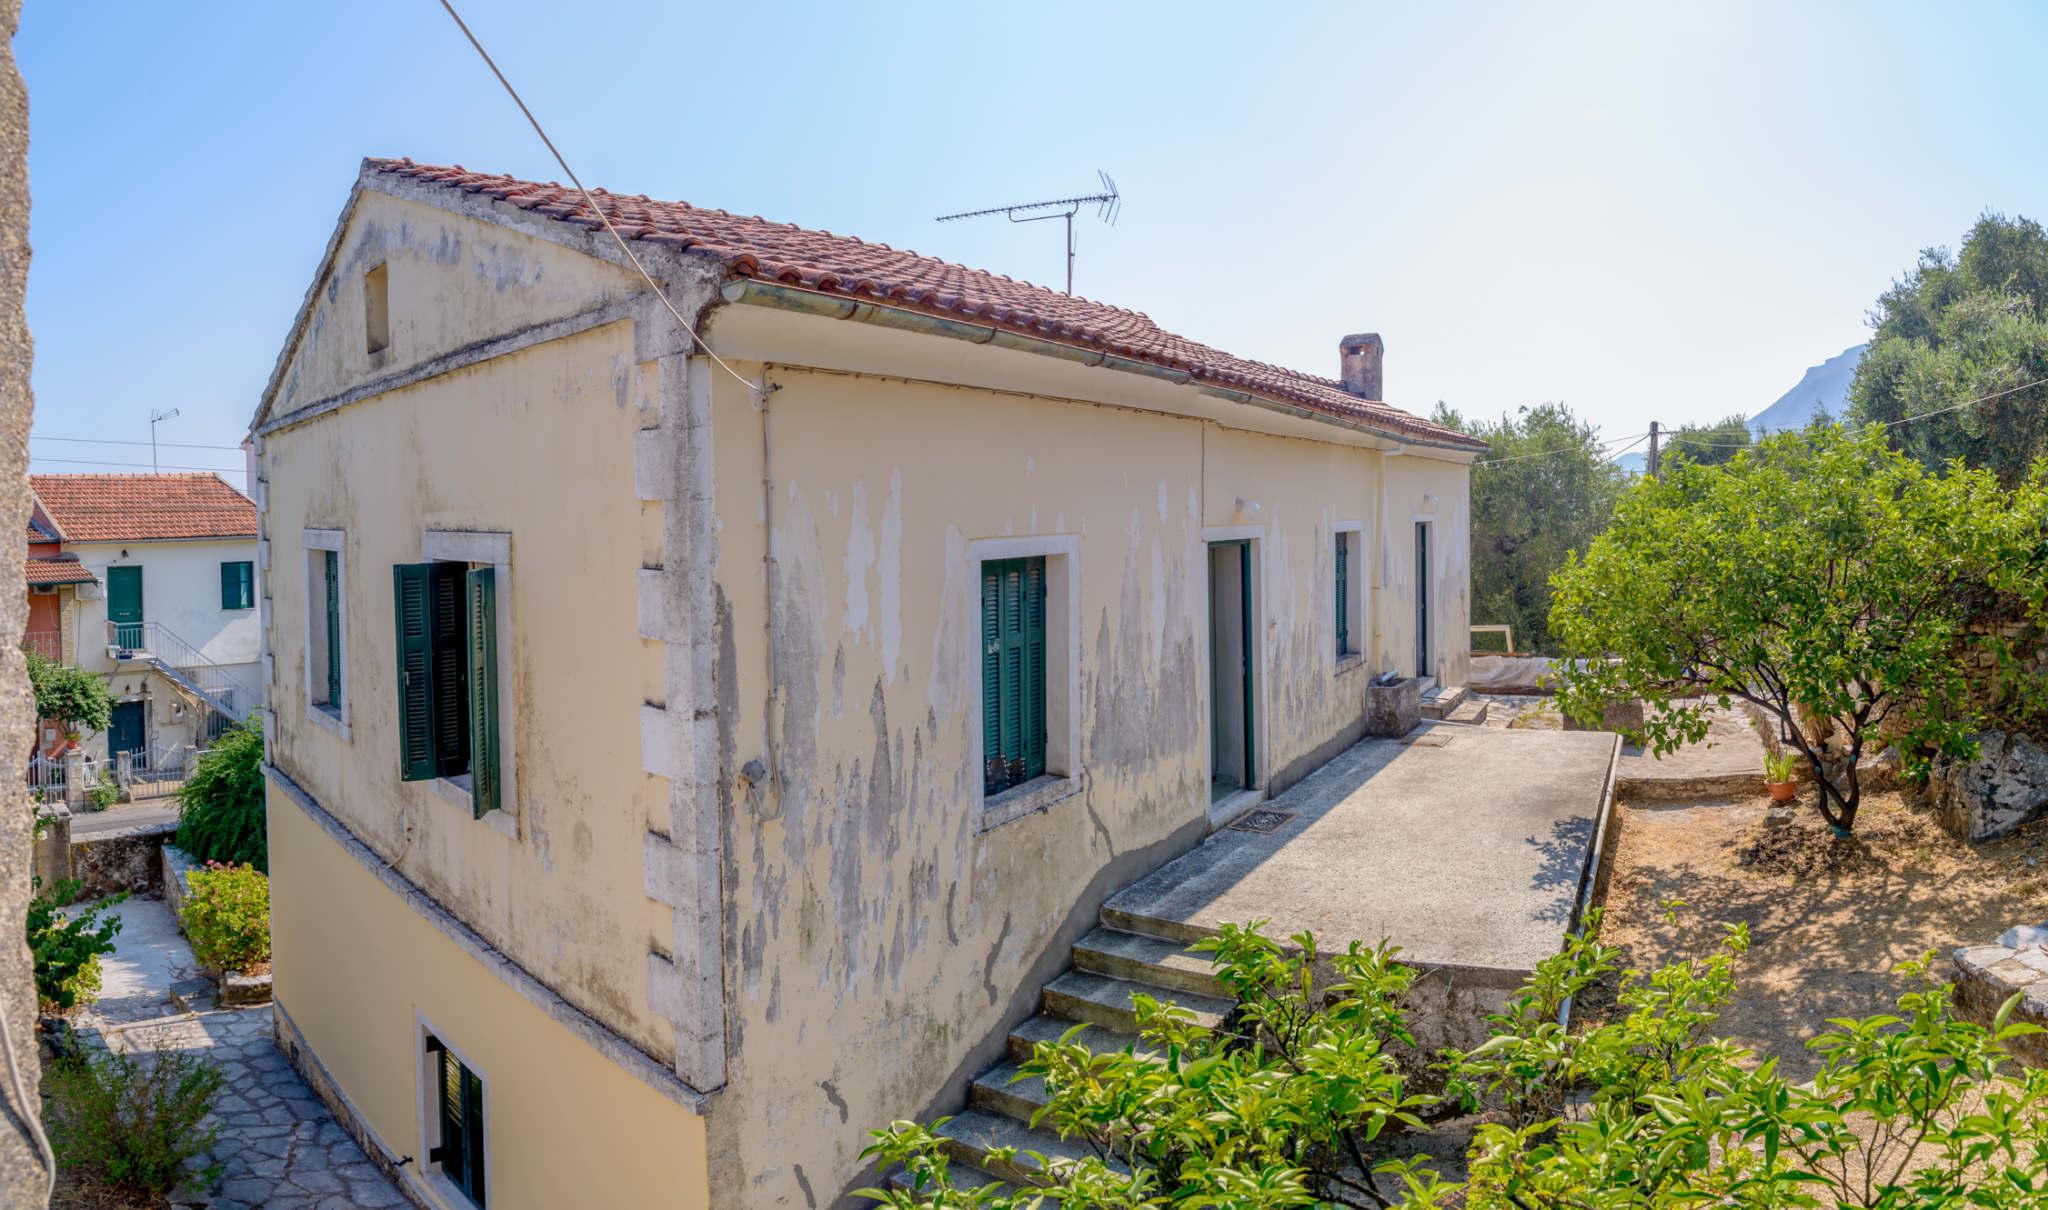 Κωδ: 16970 – Παλαιοκαστρίτσα ΠΩΛΕΙΤΑΙ Μονοκατοικία συνολικής επιφάνειας 100 τ.μ.